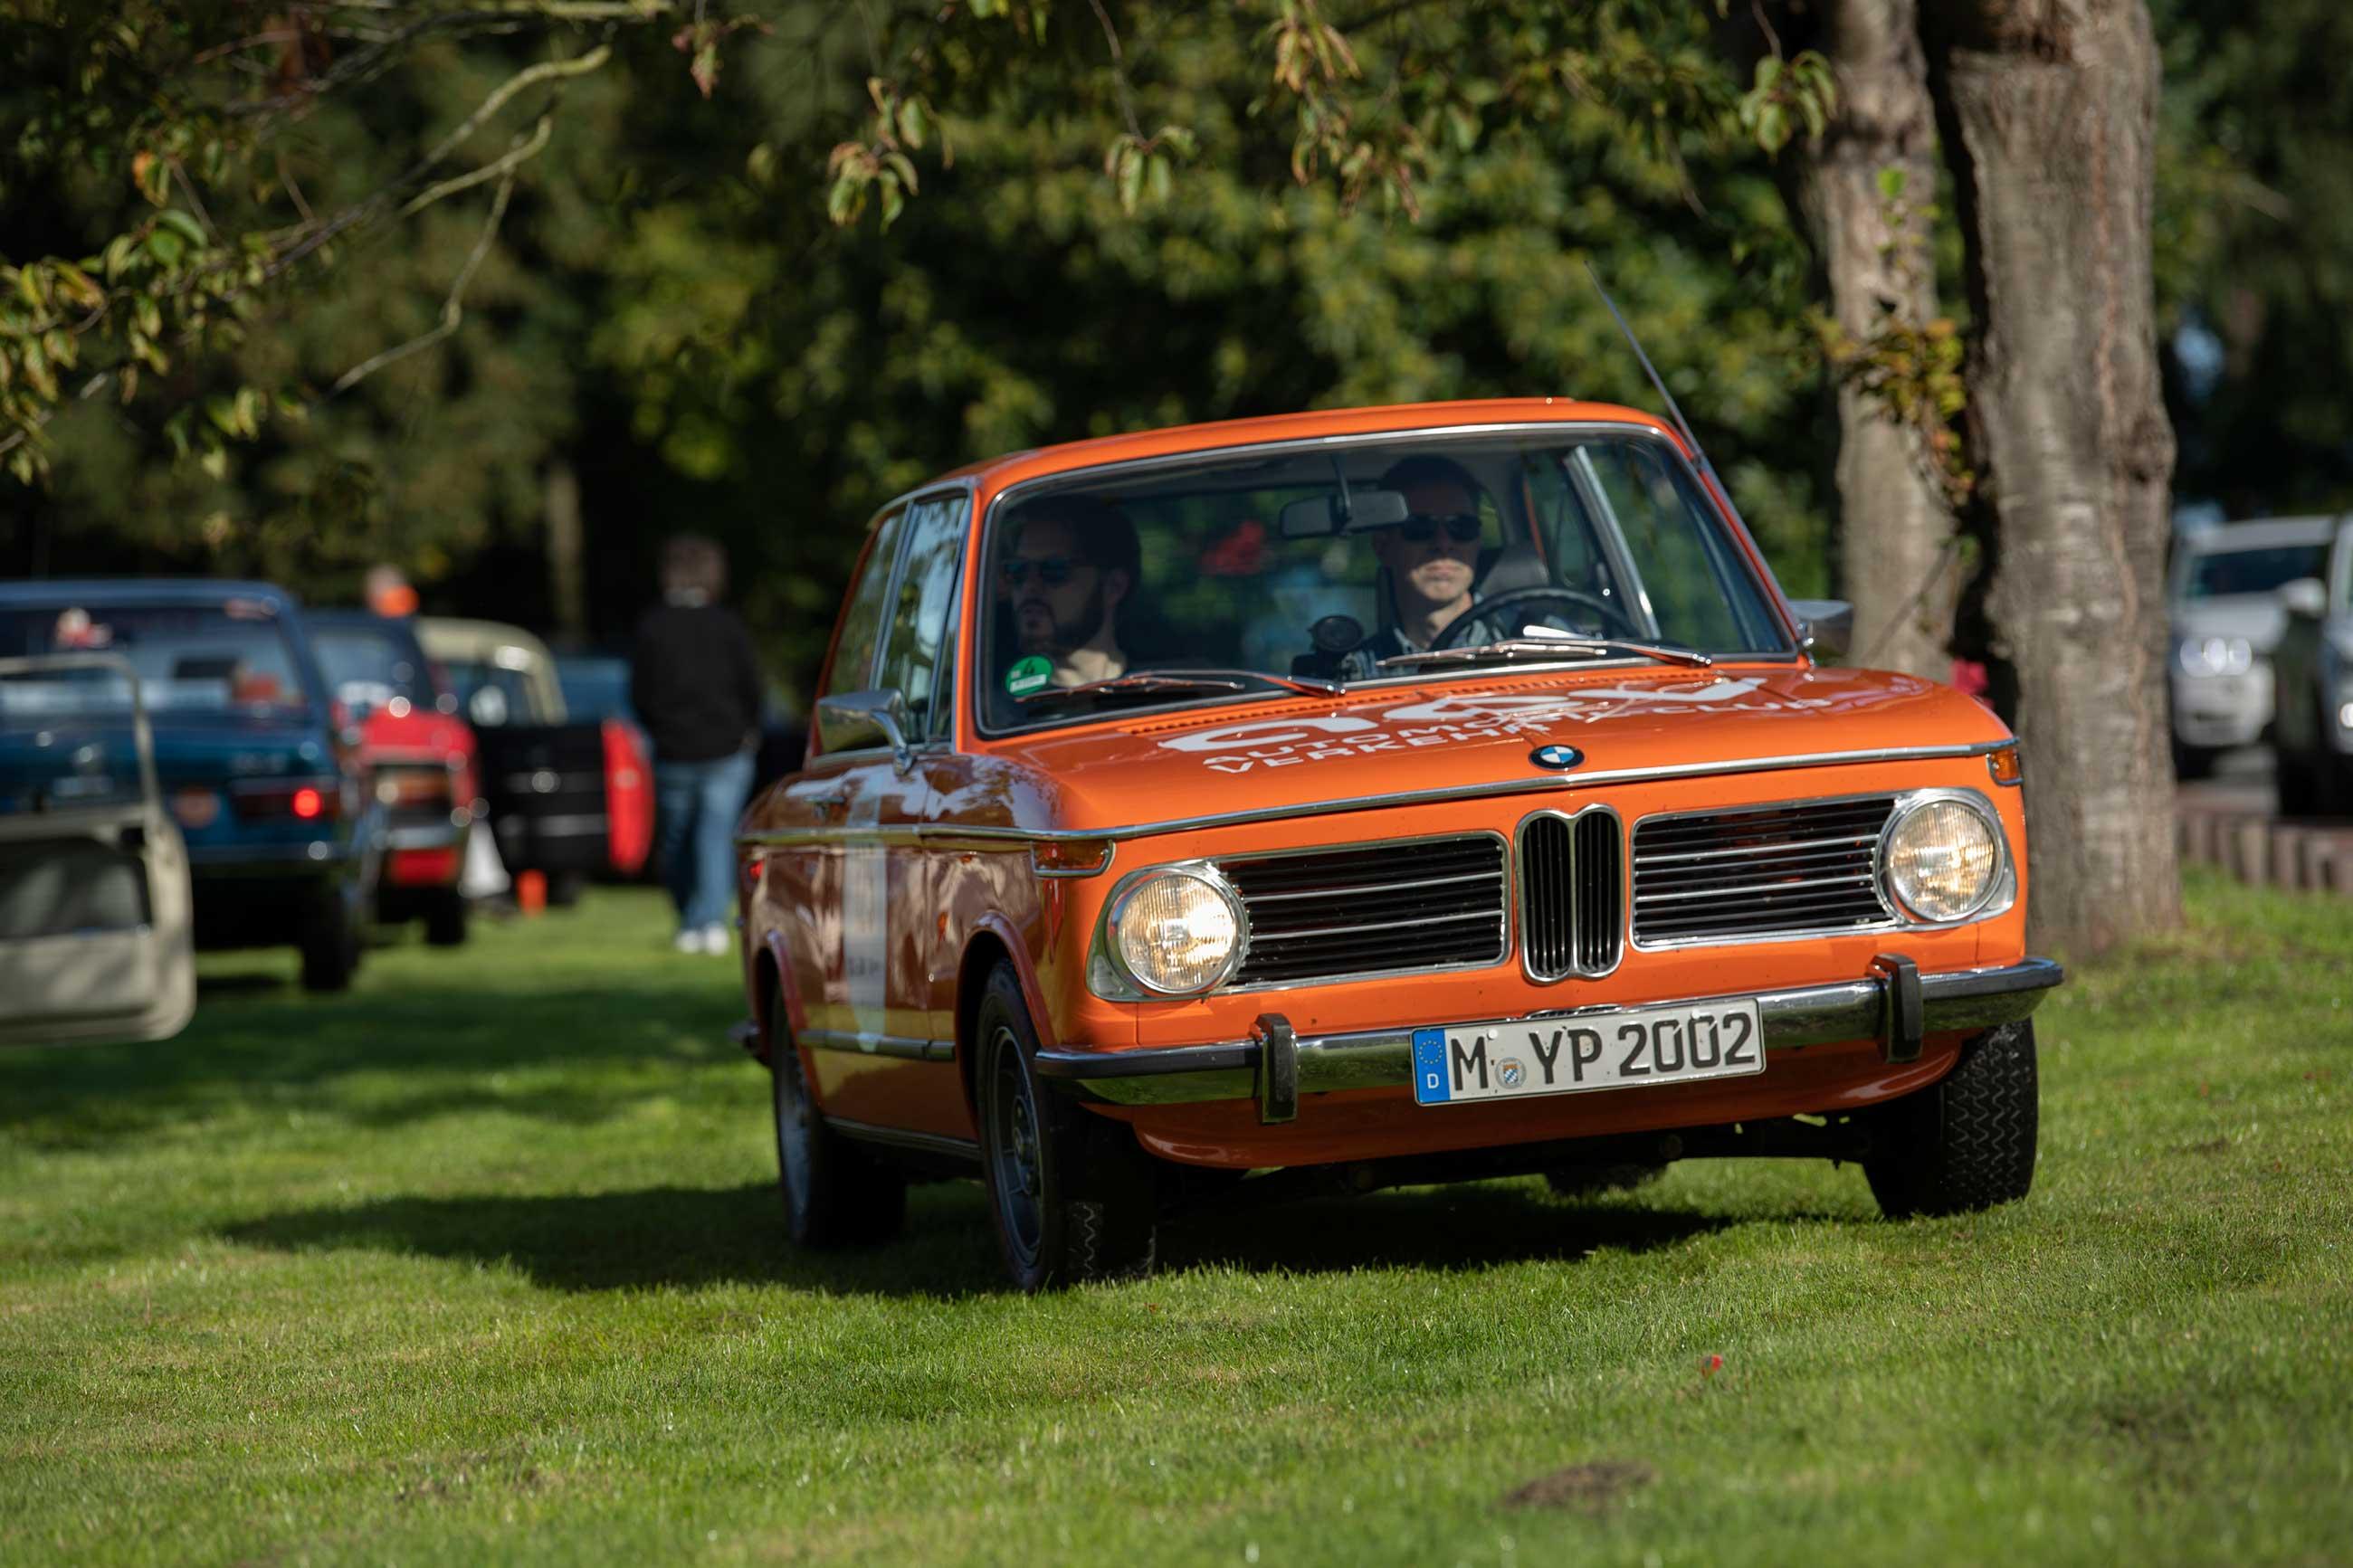 Bericht: Meine Teilnahme an der Creme 21 Youngtimer Rallye 2019 Creme-21-Youngtimer-Rallye-2019_Nachbericht_107